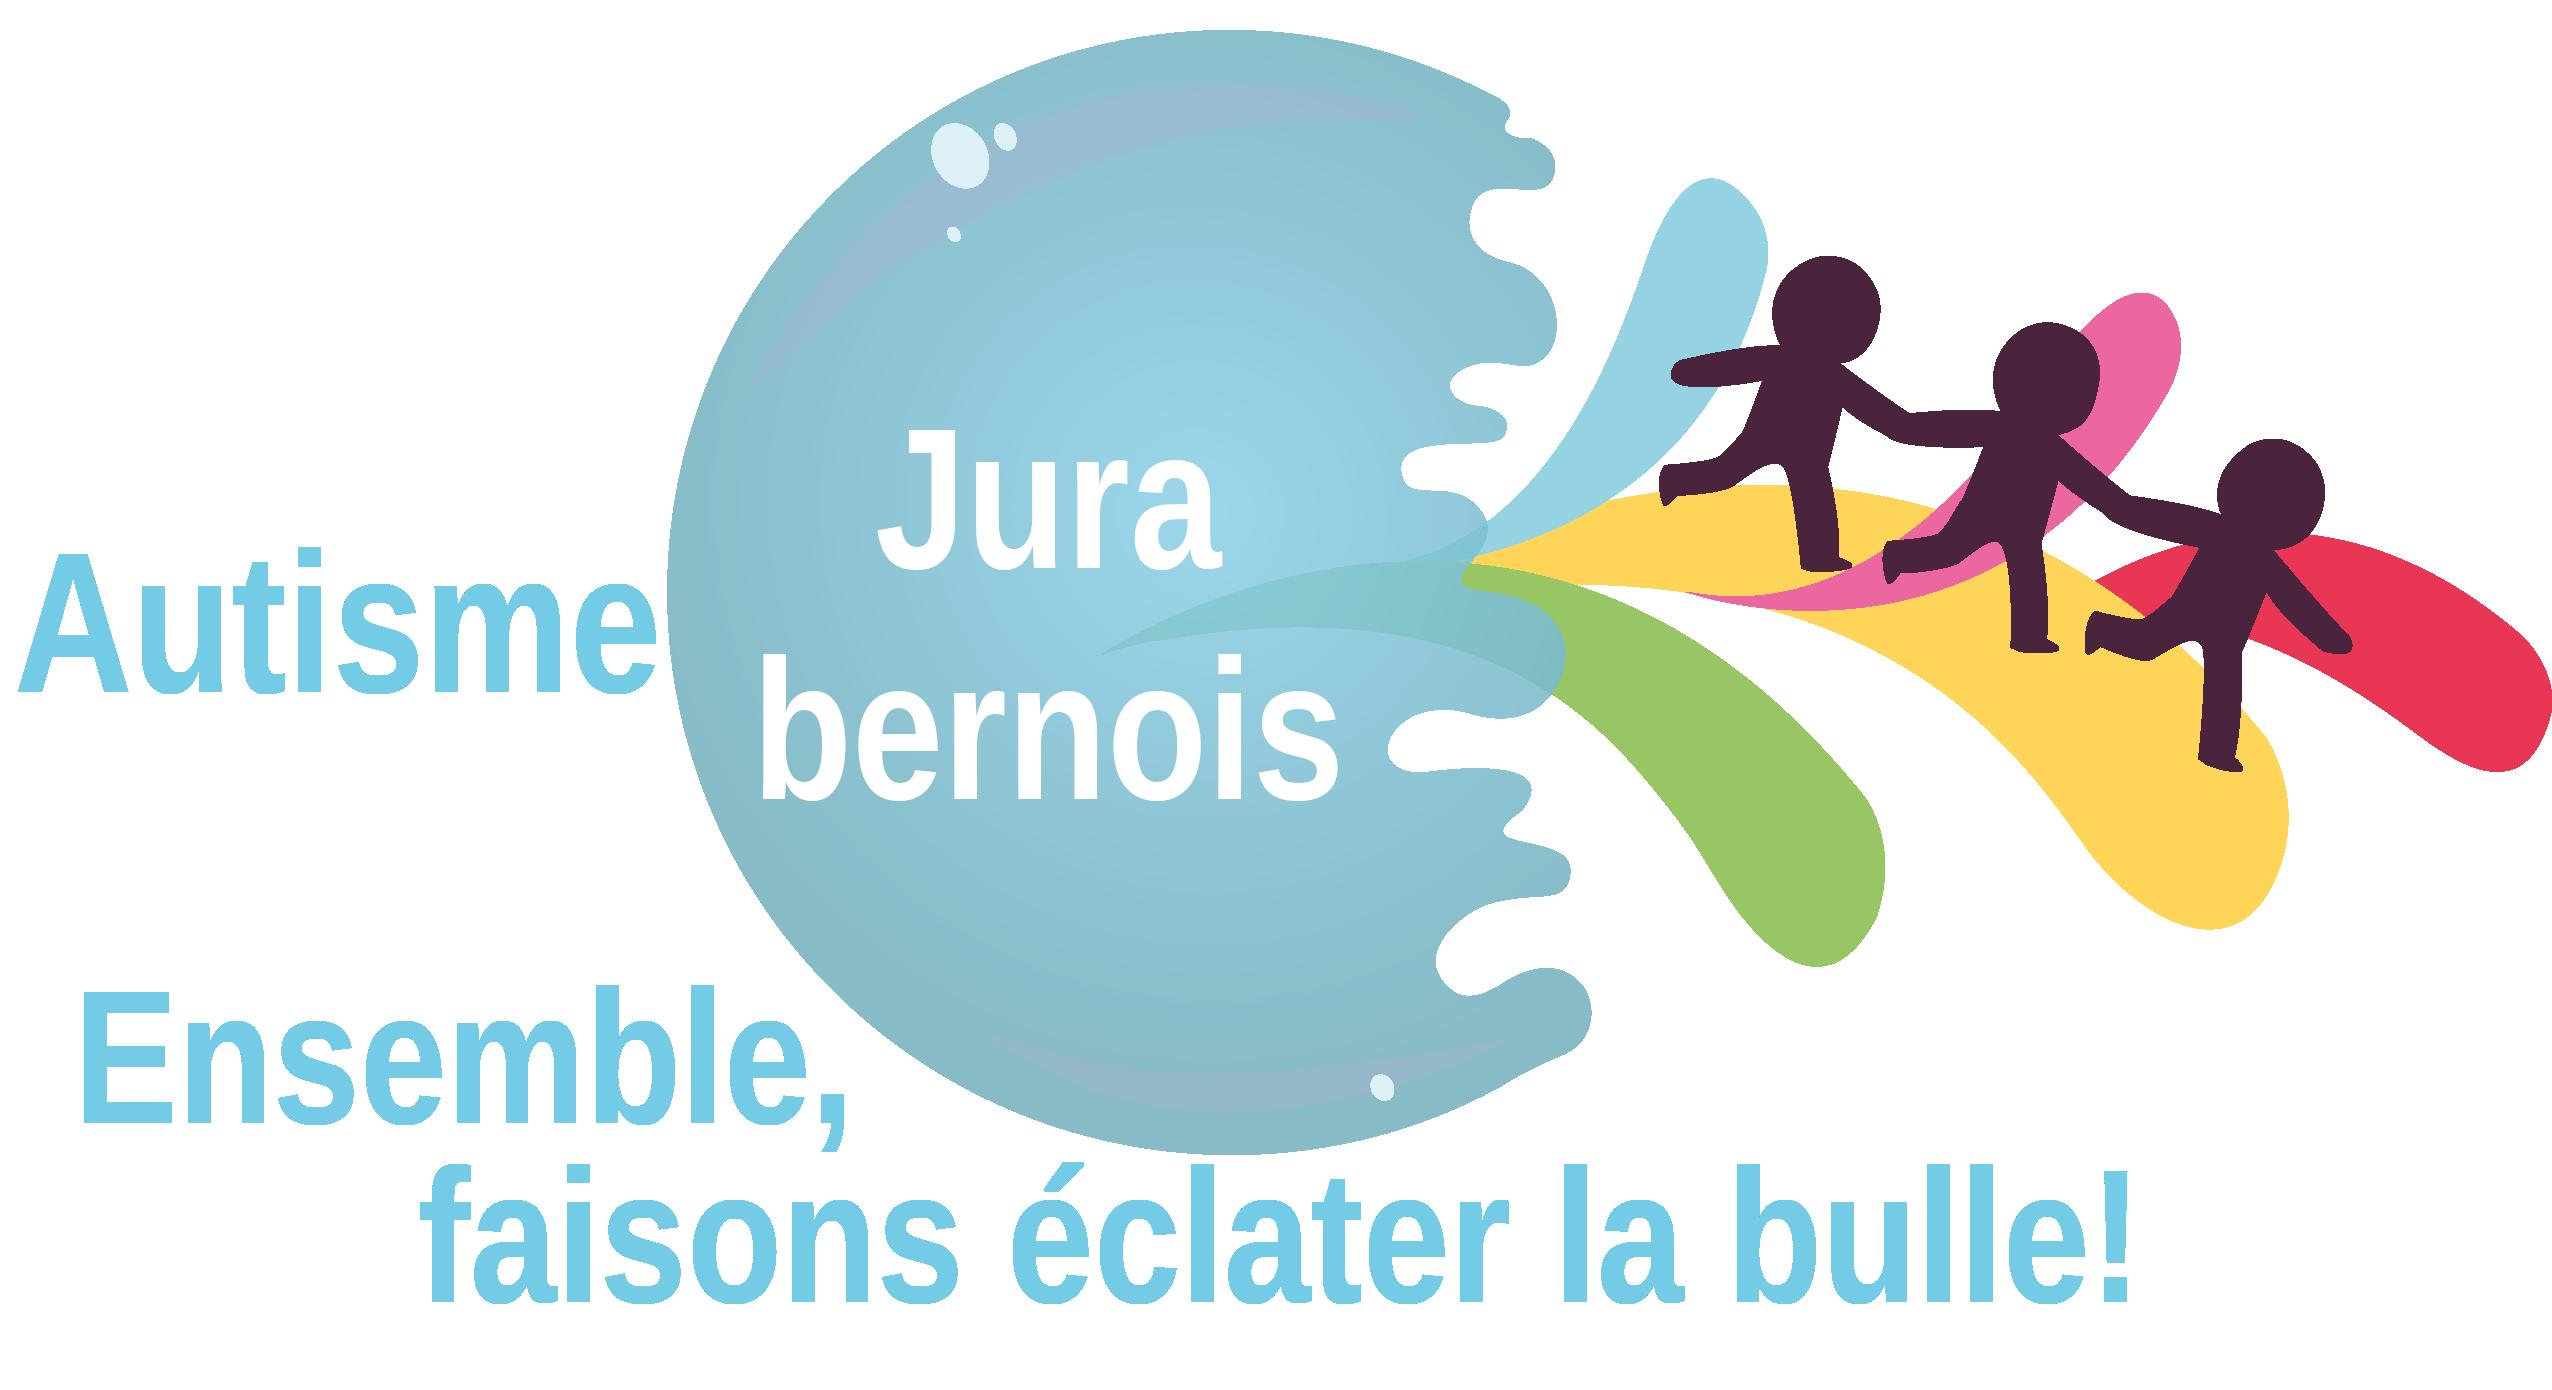 Logo Autisme Jura Bernois